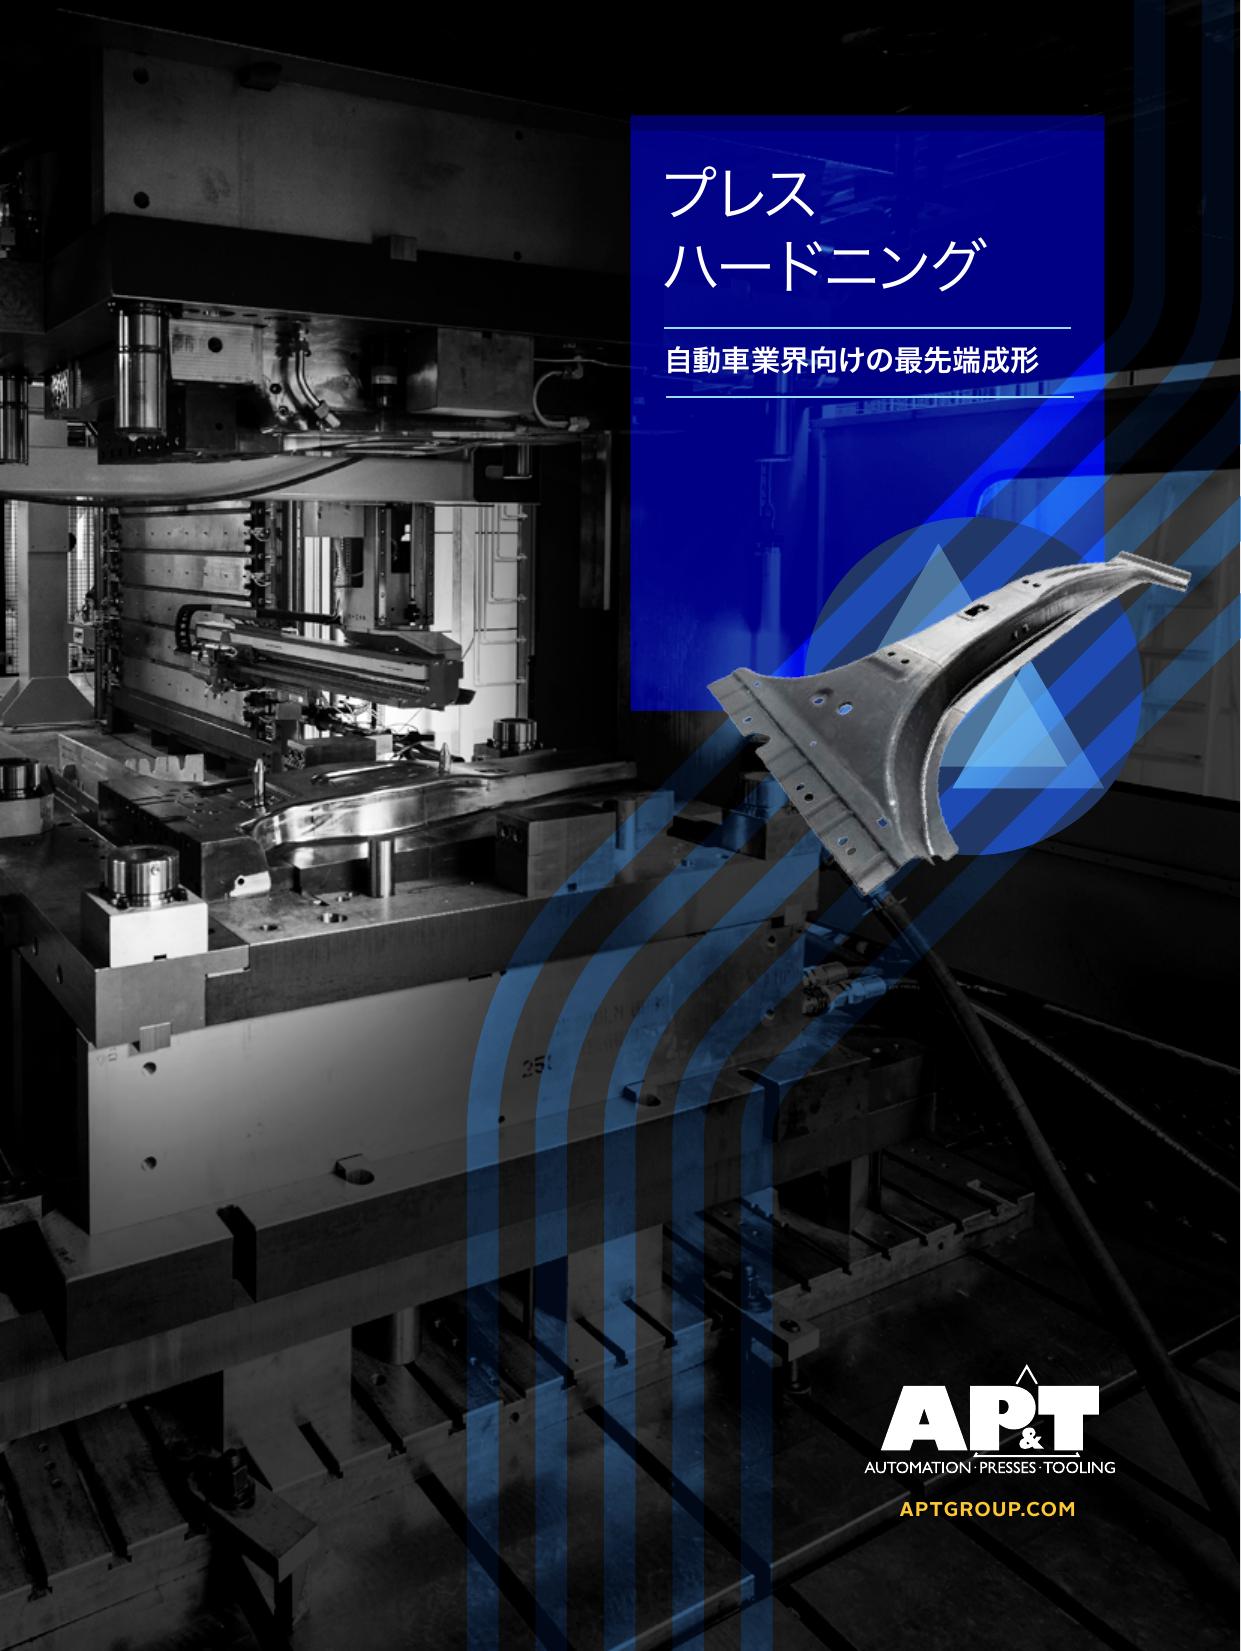 プレスハードニング 自動車業界向けの最先端成形 総合カタログ